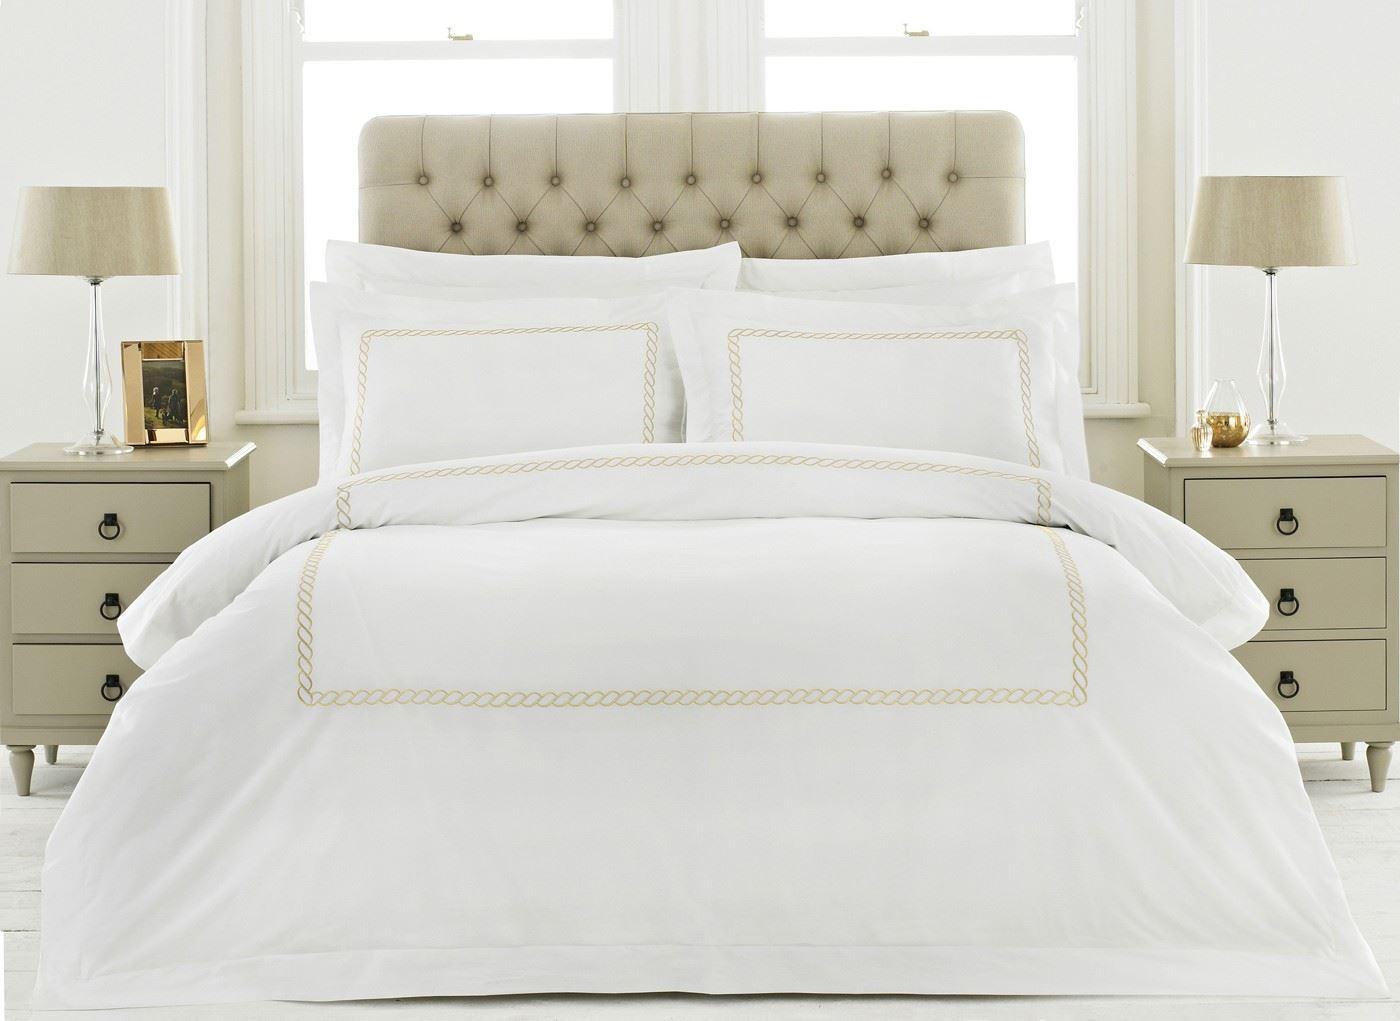 100% Cotton 200tc WeißGold Kette kingGröße-bettbezug